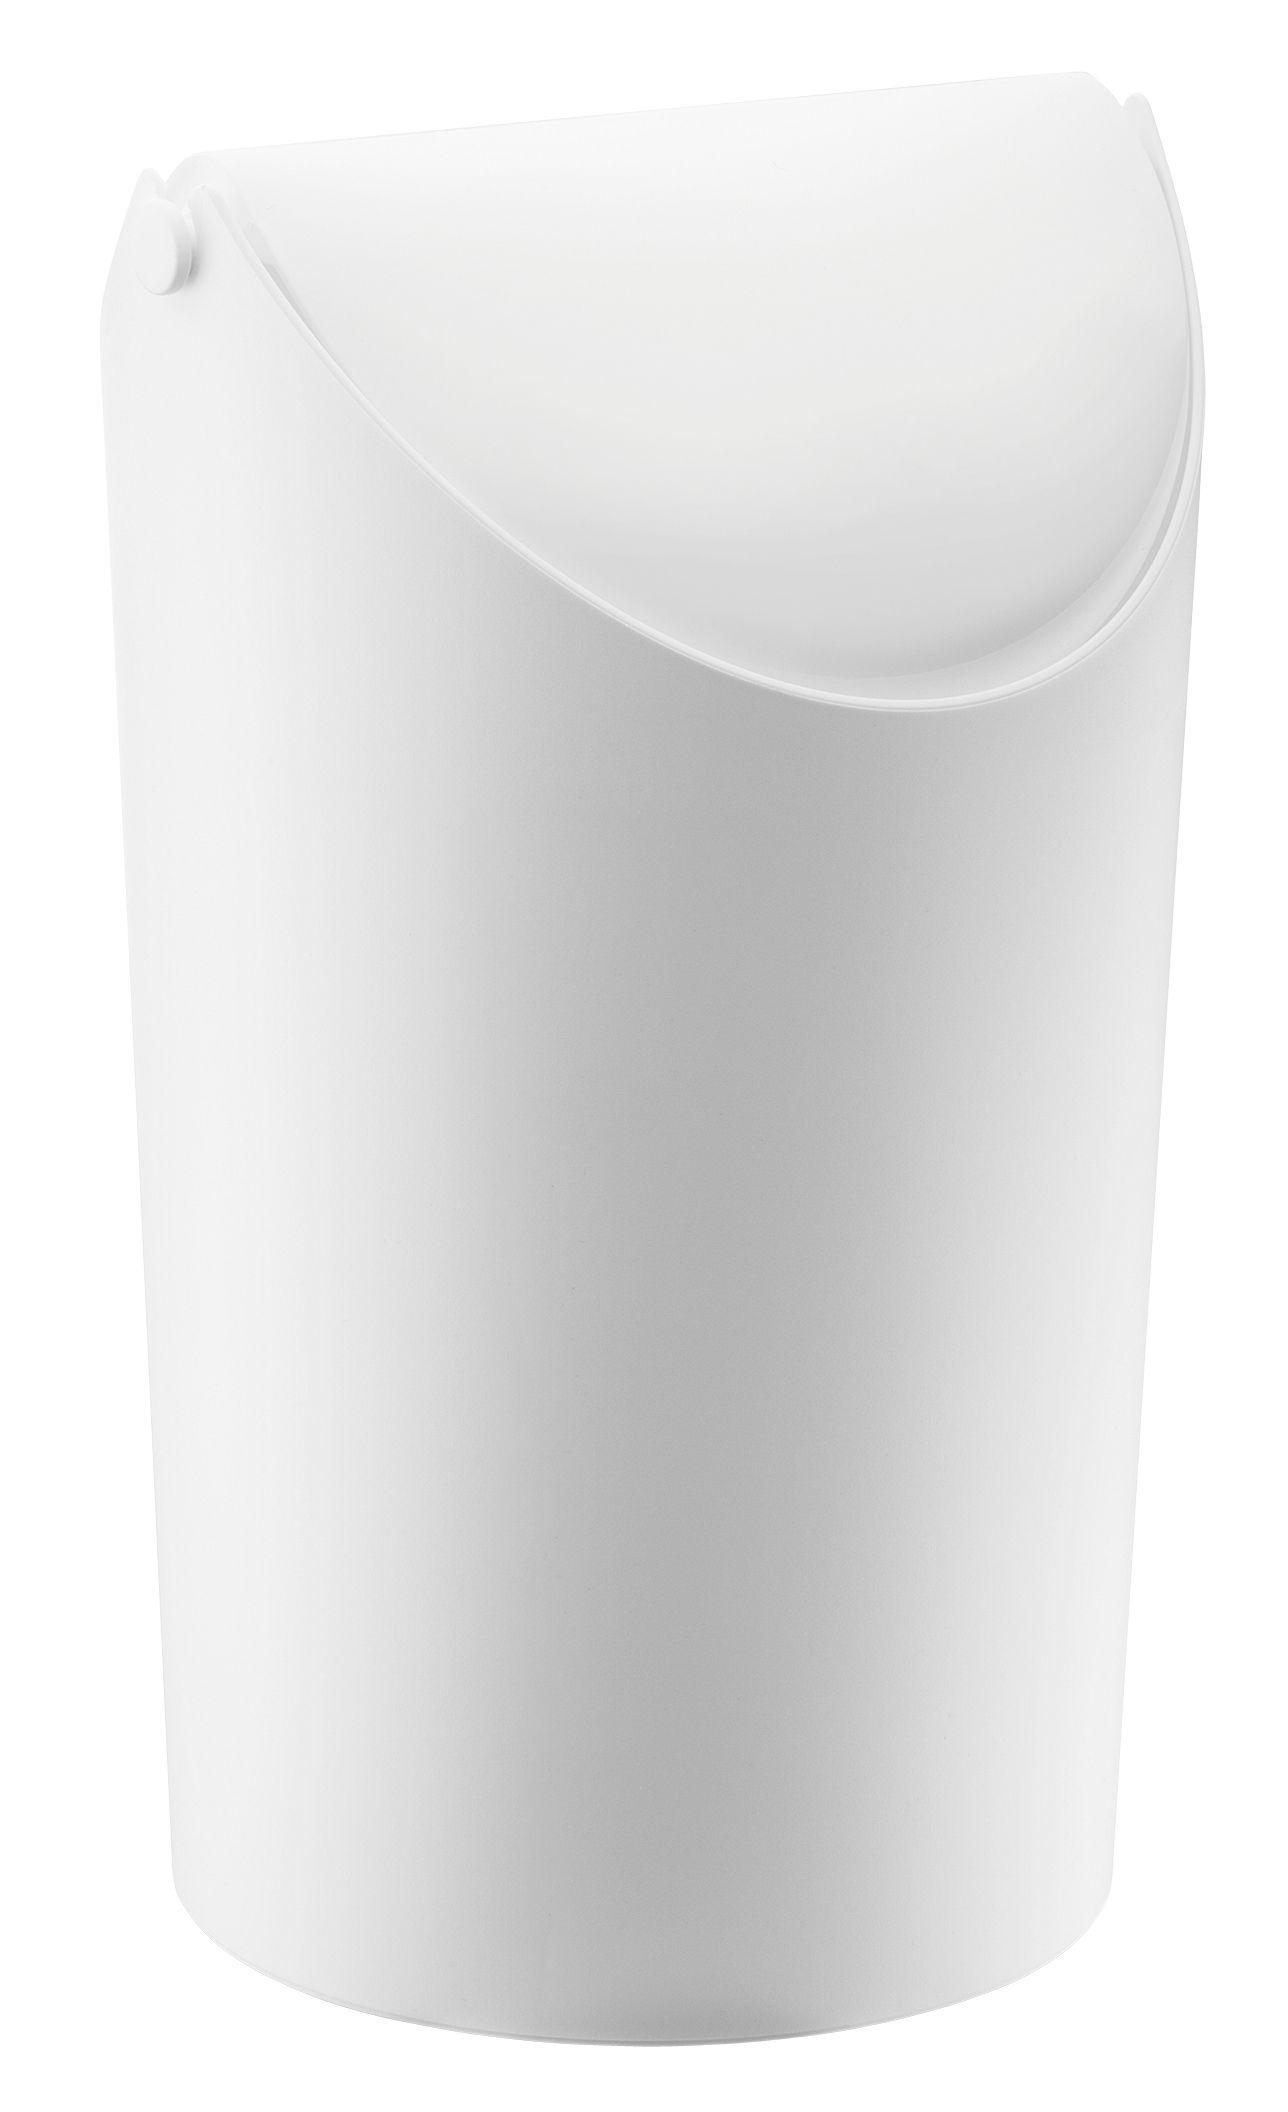 Accessoires - Accessoires salle de bains - Poubelle Jim / H 31,5 cm - 9 Litres - Koziol - Blanc opaque - Plastique